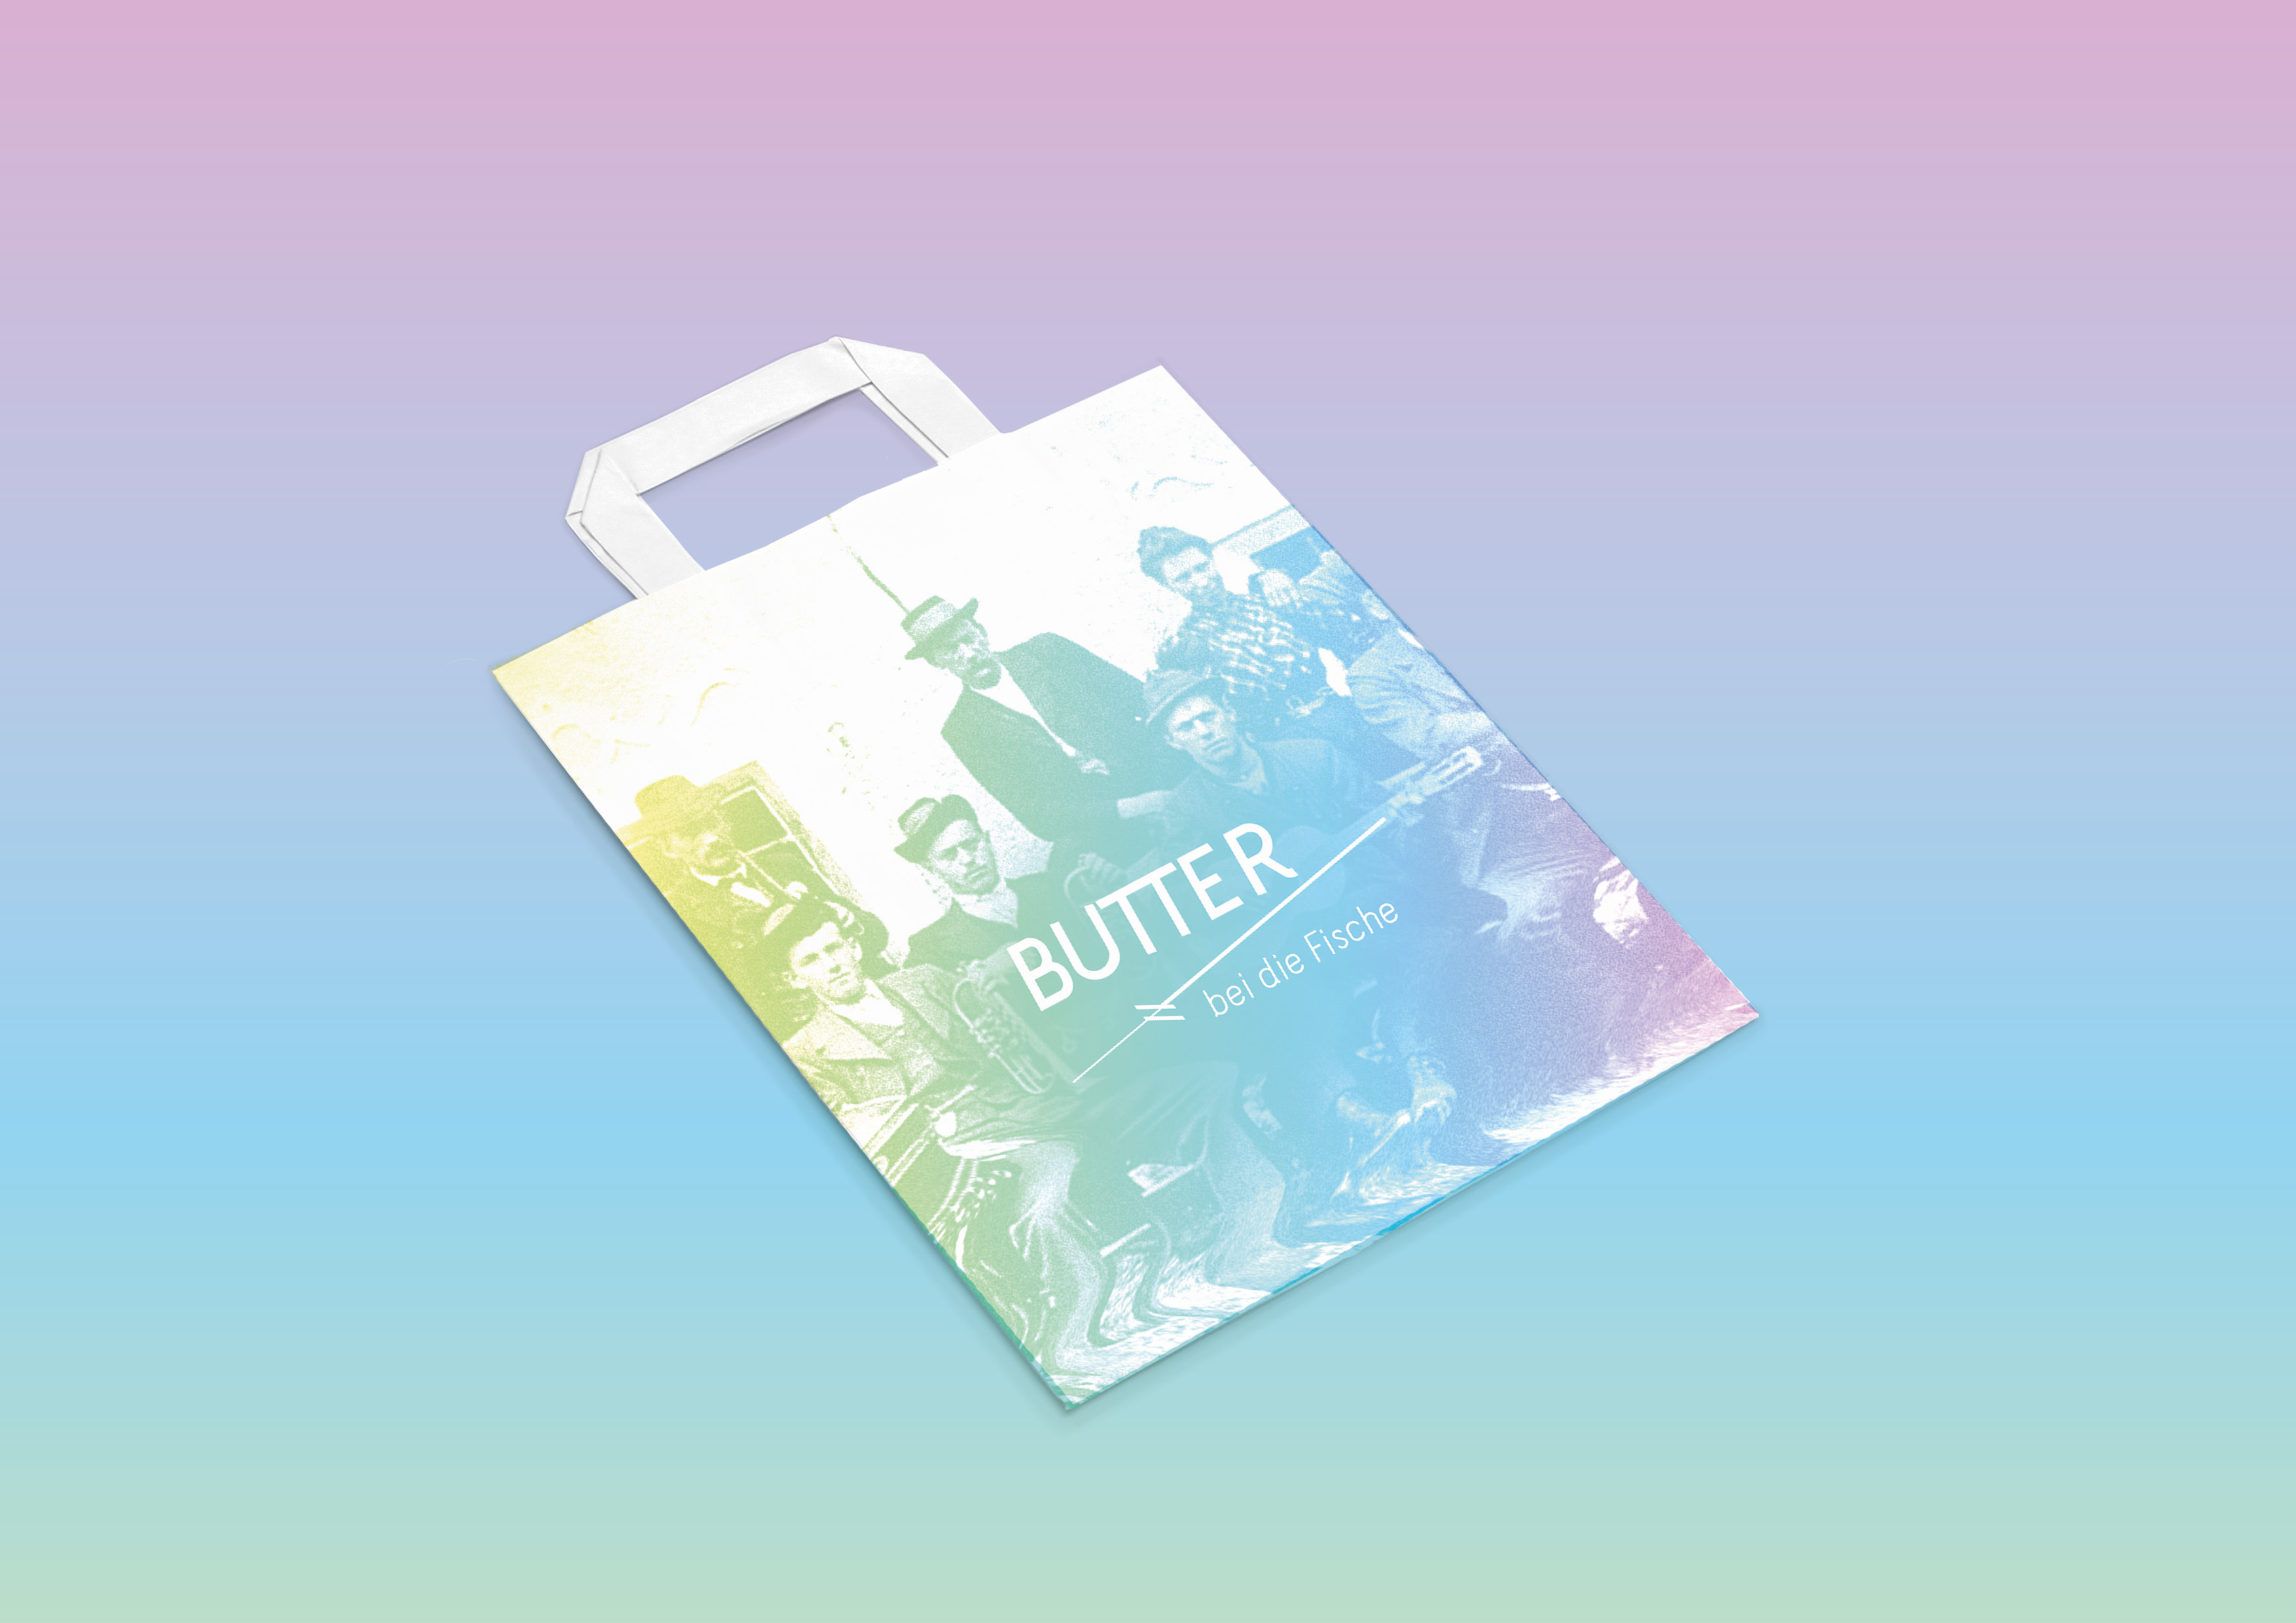 Butter_bag_2